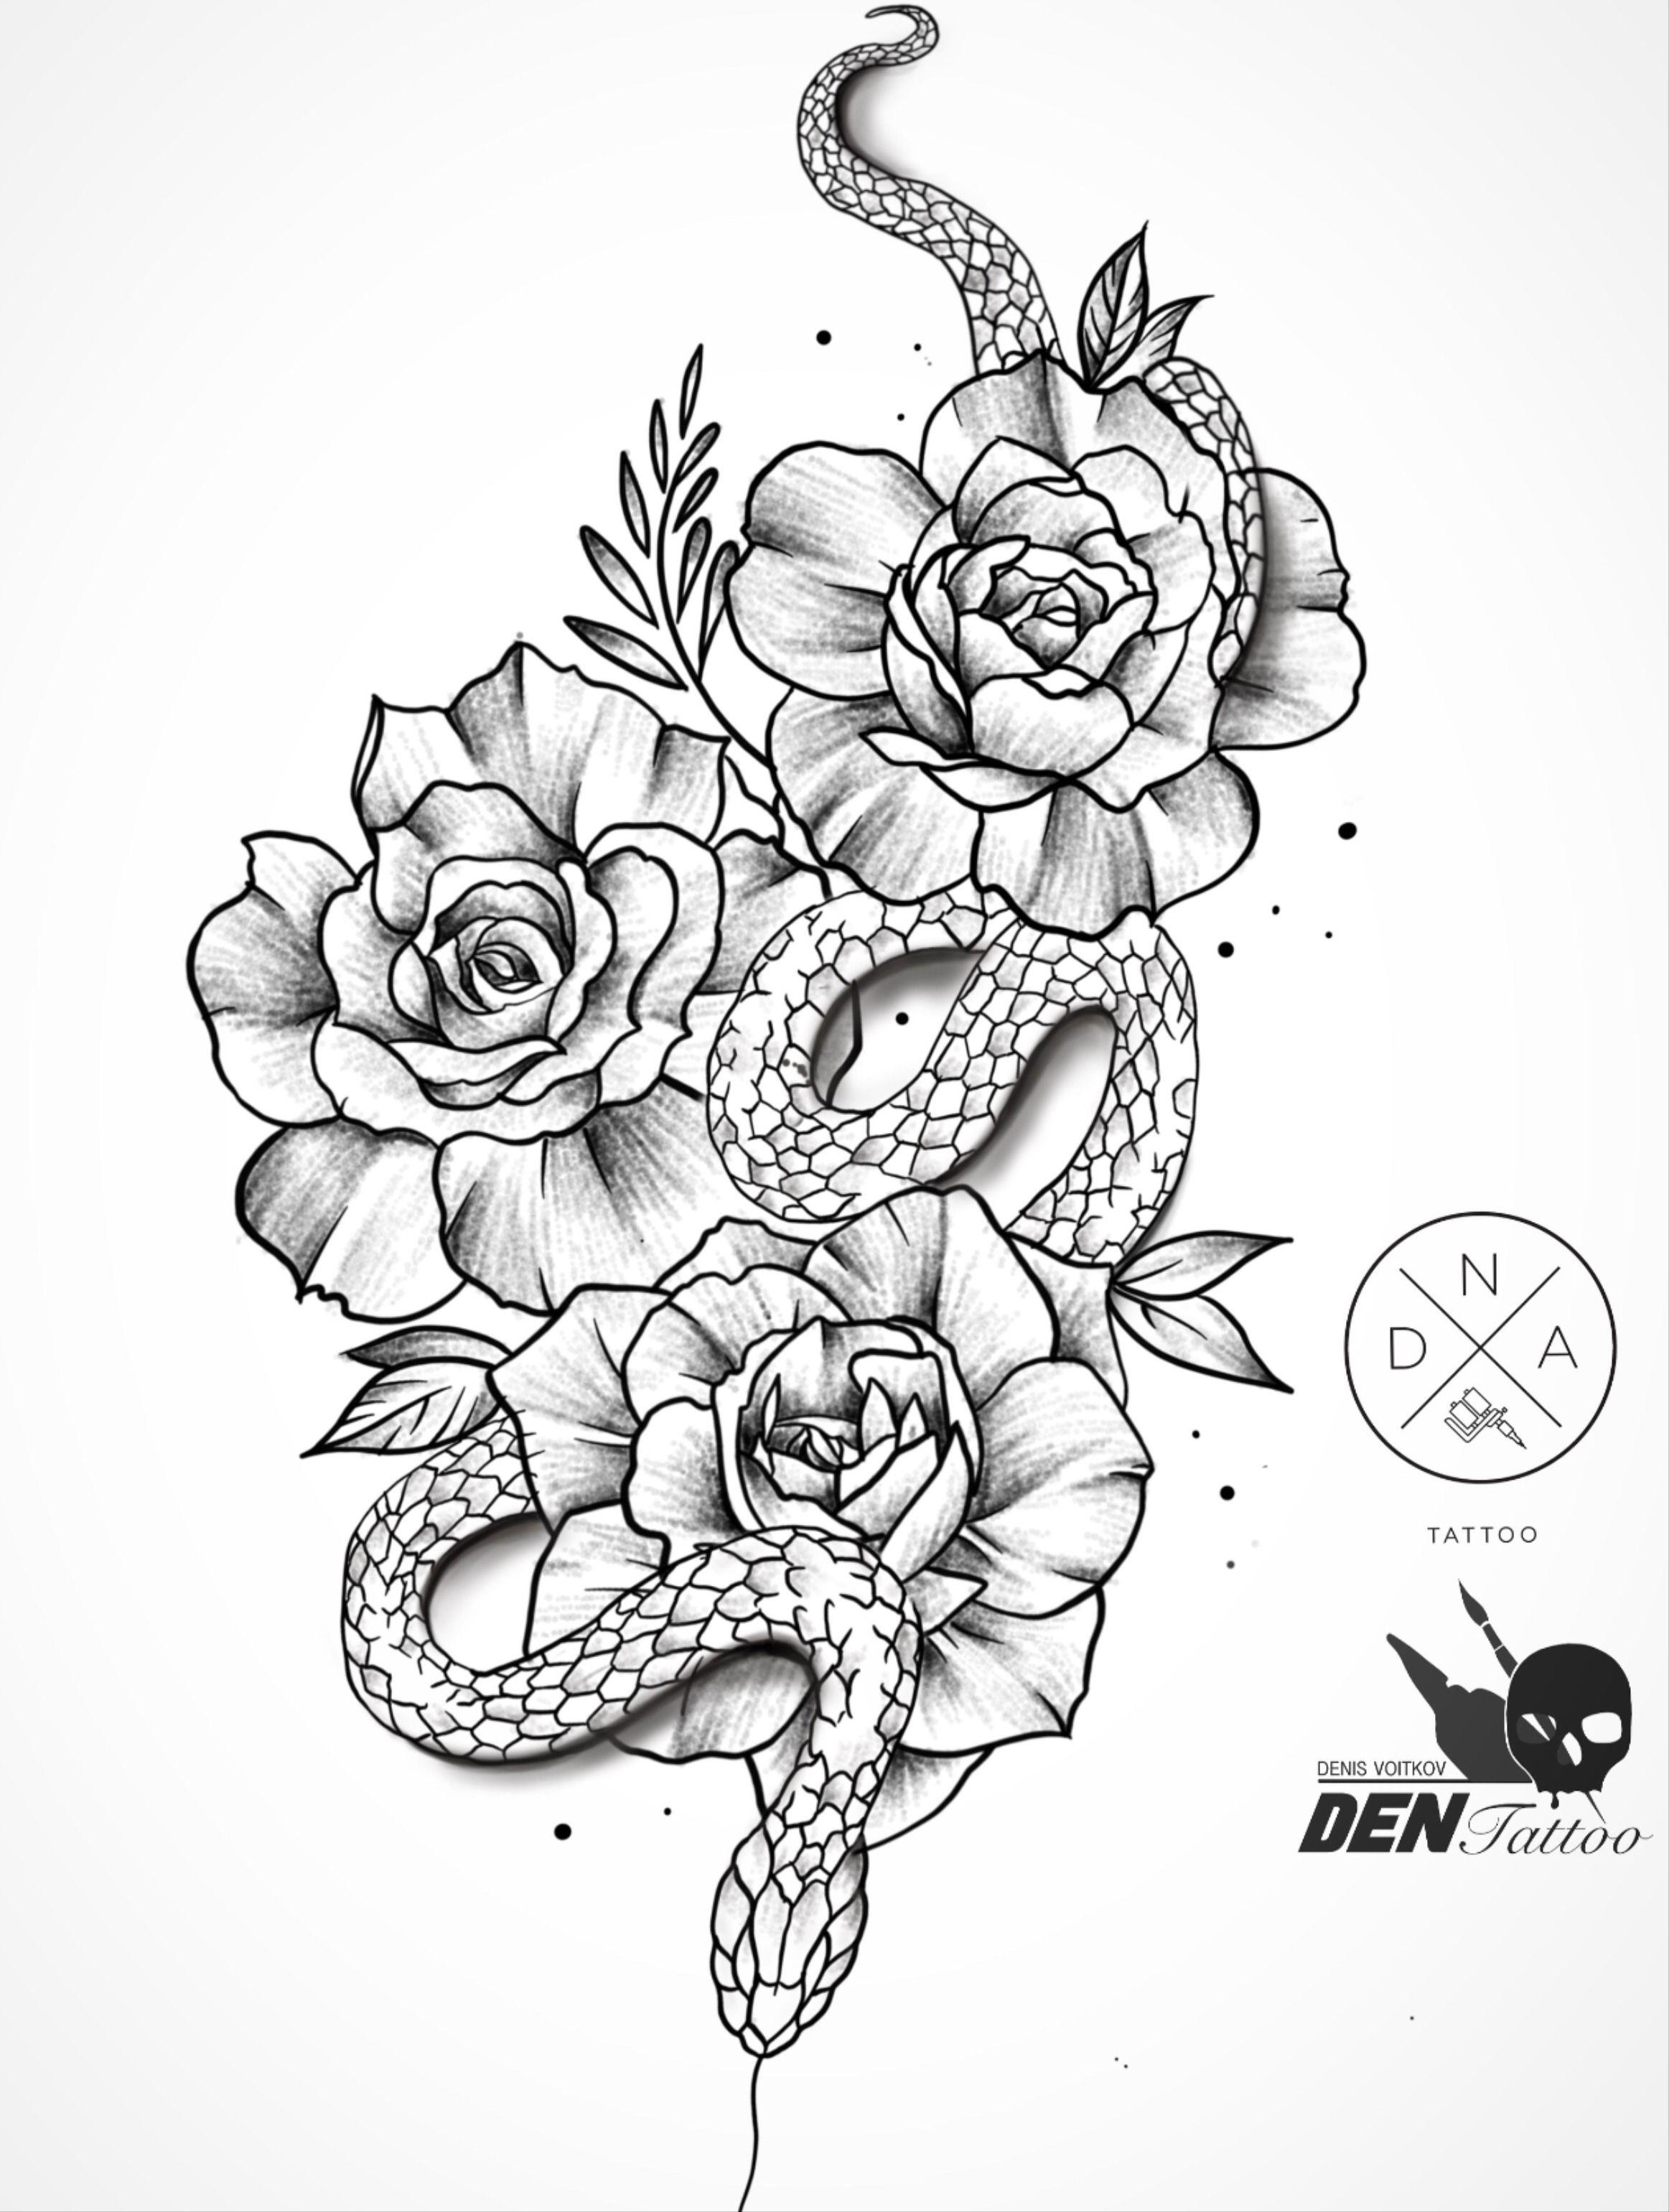 hallooooooooooooooooooooo Flower wrist tattoos, Dna